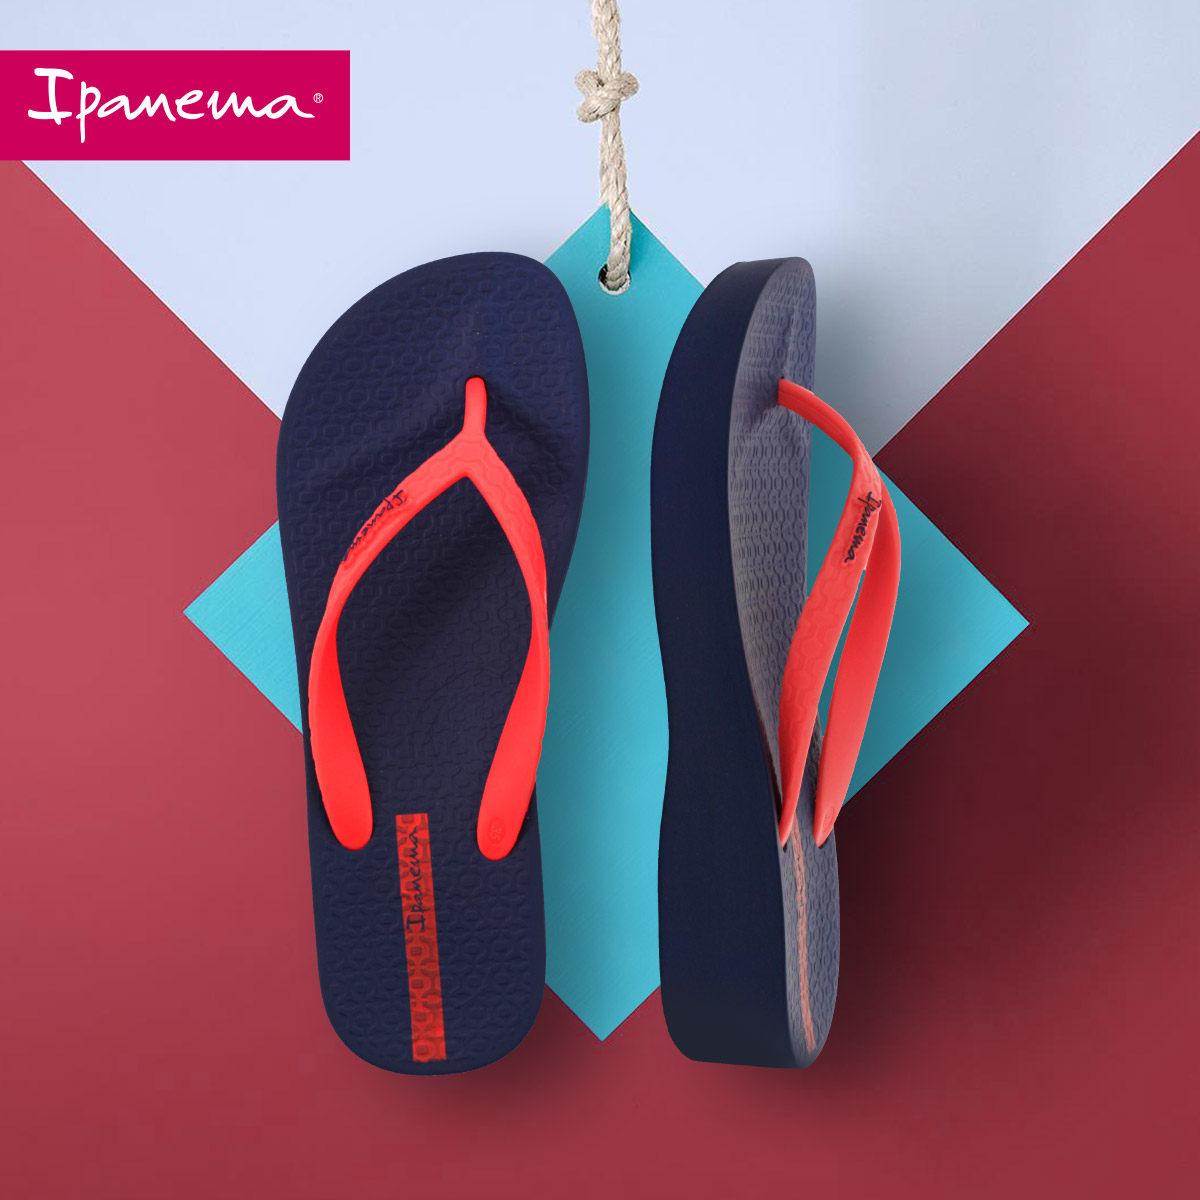 坡跟鞋 Ipanema拖鞋女外穿夏季坡跟拖鞋时尚人字拖网红女鞋粗跟沙滩拖鞋_推荐淘宝好看的女坡跟鞋